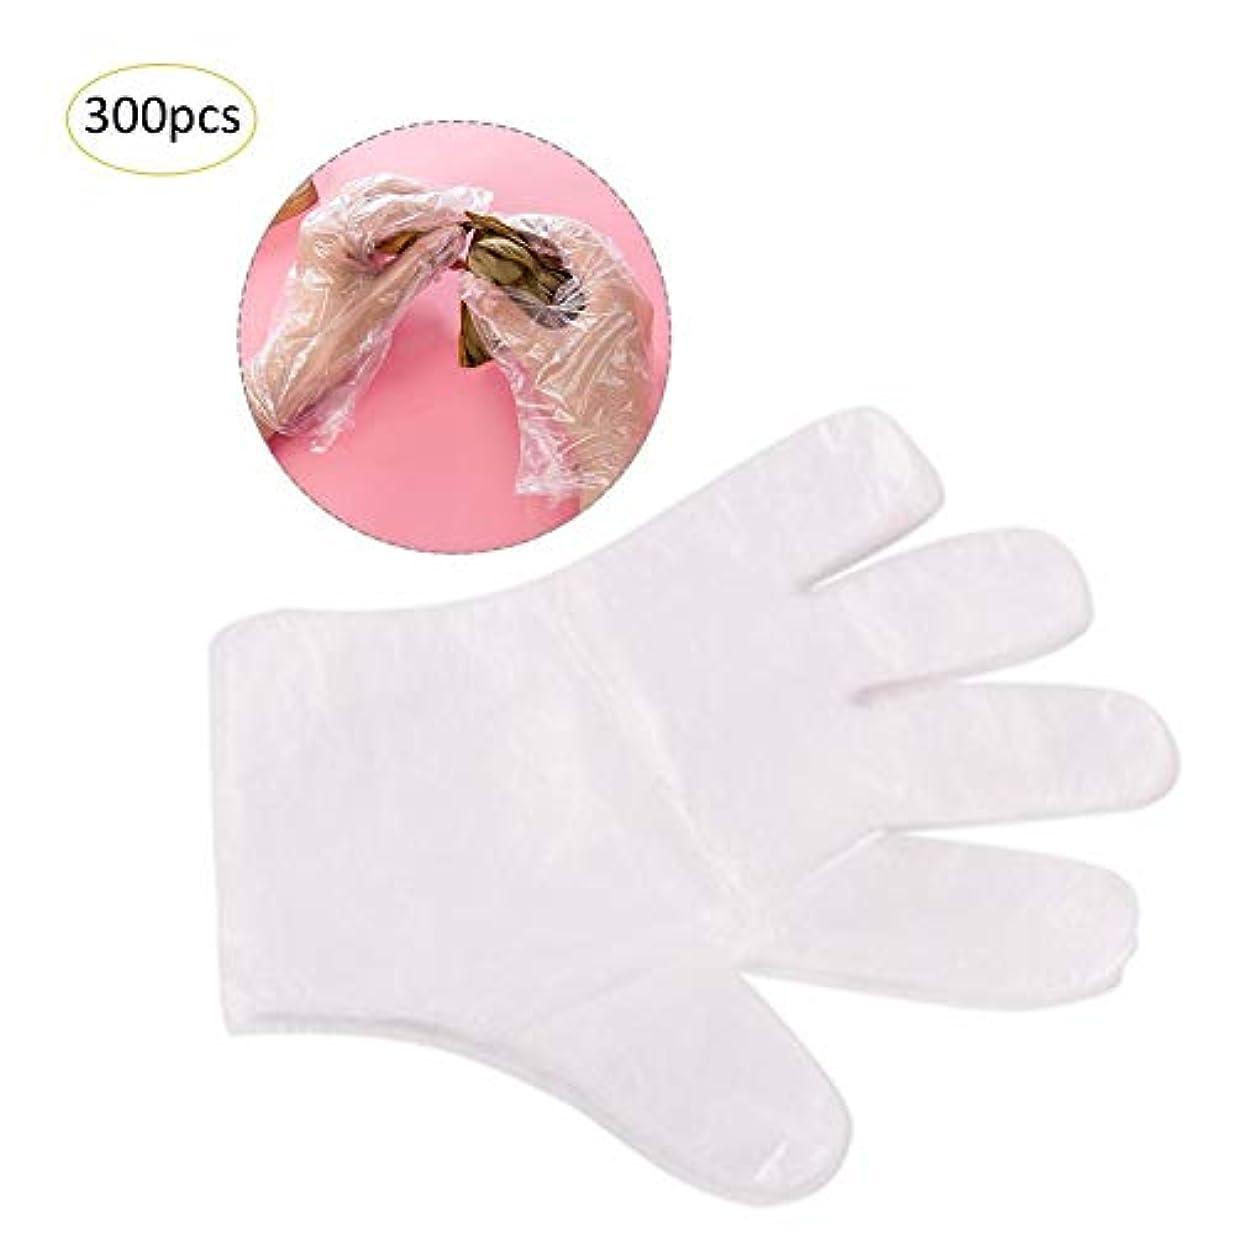 妥協セットアップ予測使い捨て手袋 極薄ビニール手袋 食品 実用 調理に?お掃除に?毛染めに 食品衛生法適合 300枚入